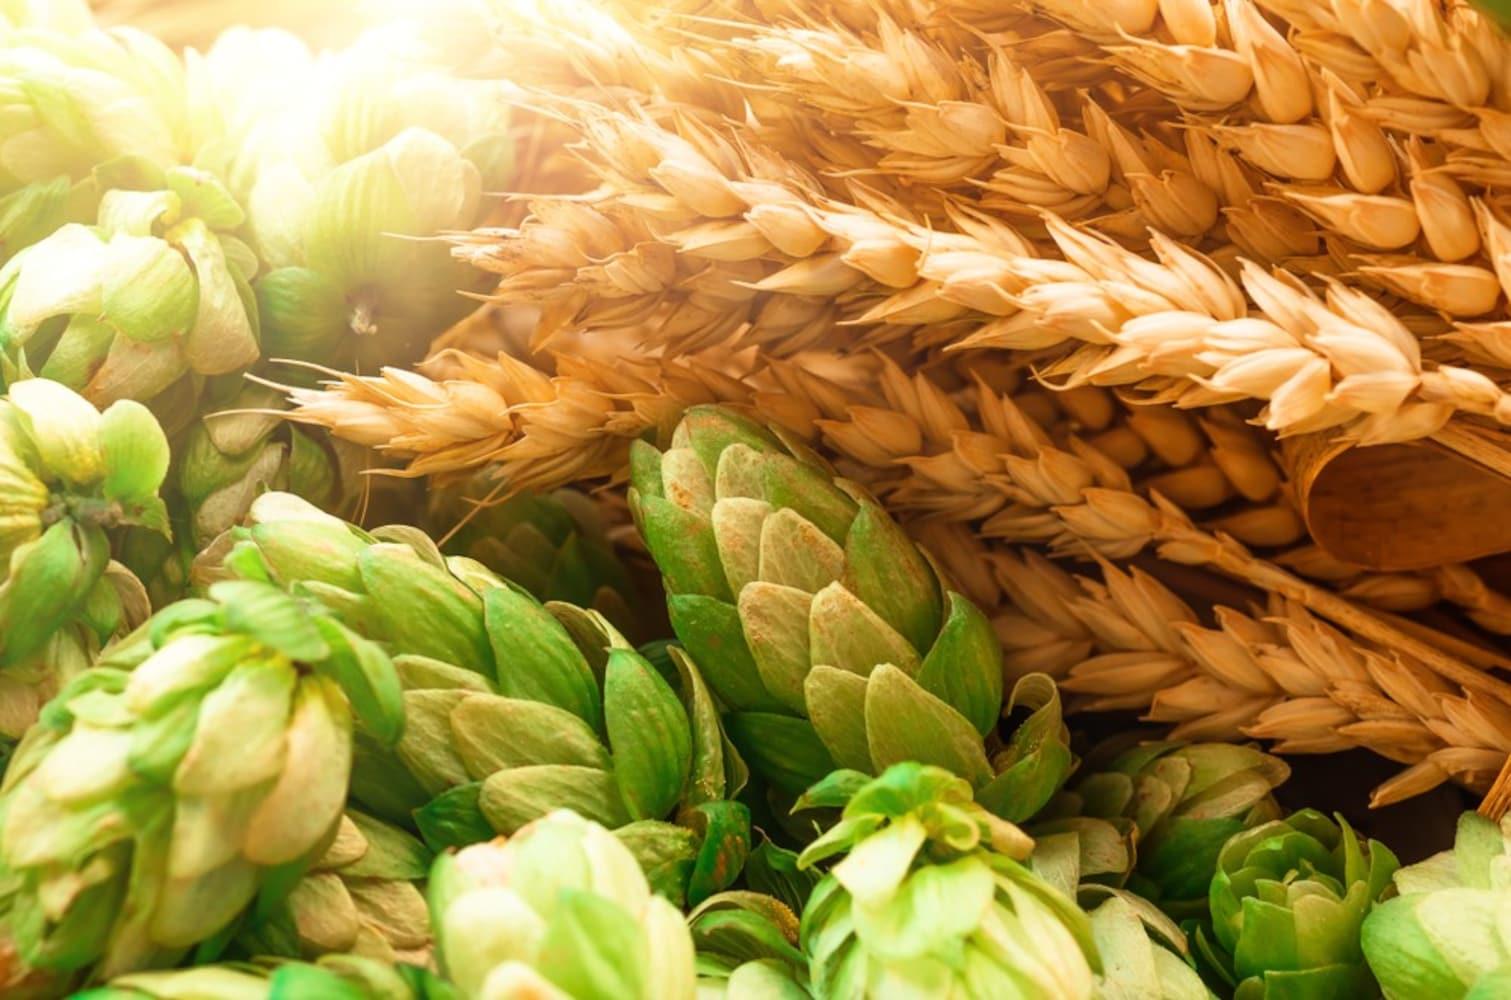 原材料 | 「麦芽」は美味しさの決め手!